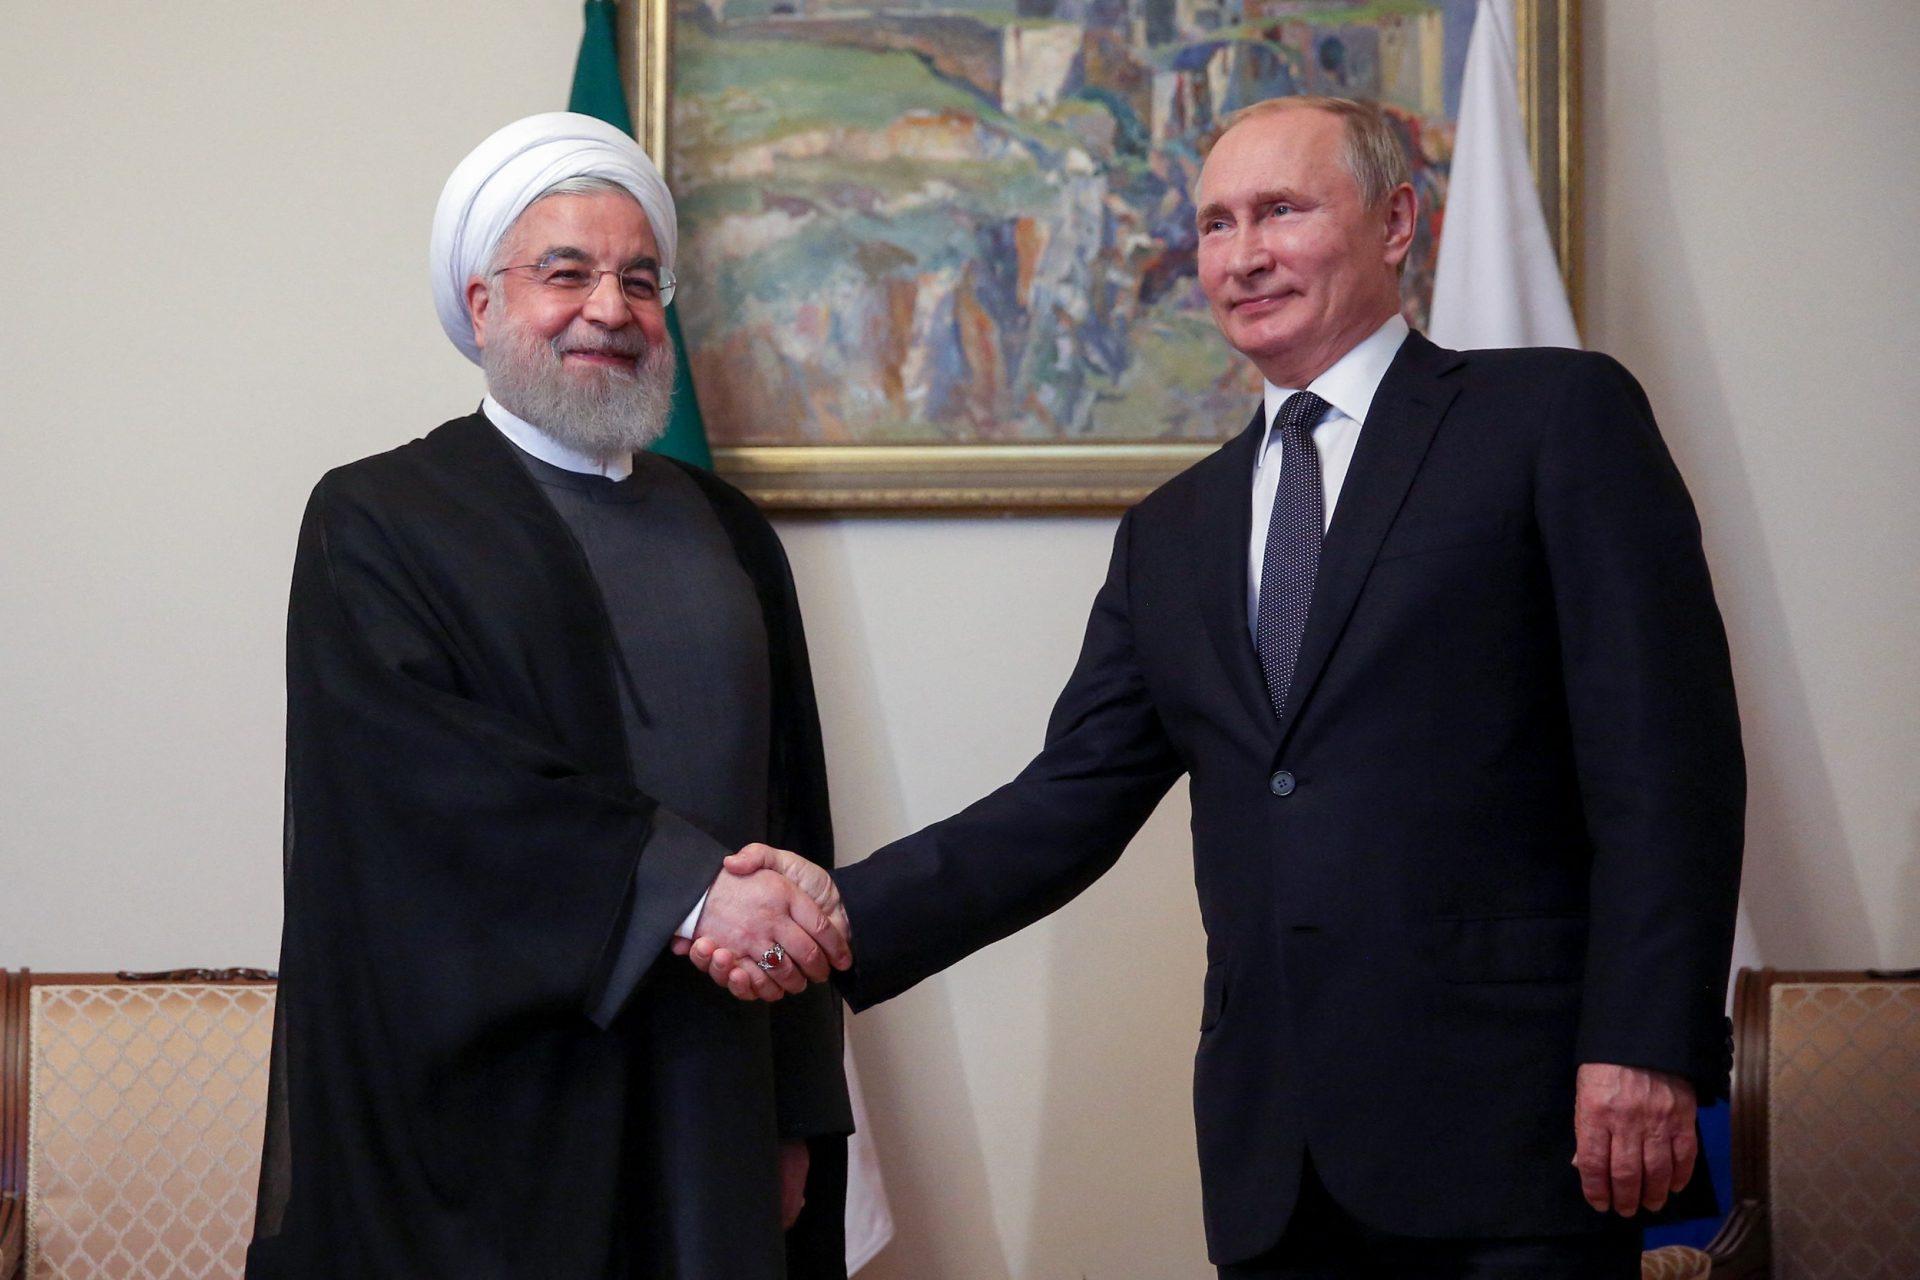 ロシアは調停の大国として中東に君臨する、ソレイマニ司令官殺害から見る中東力学